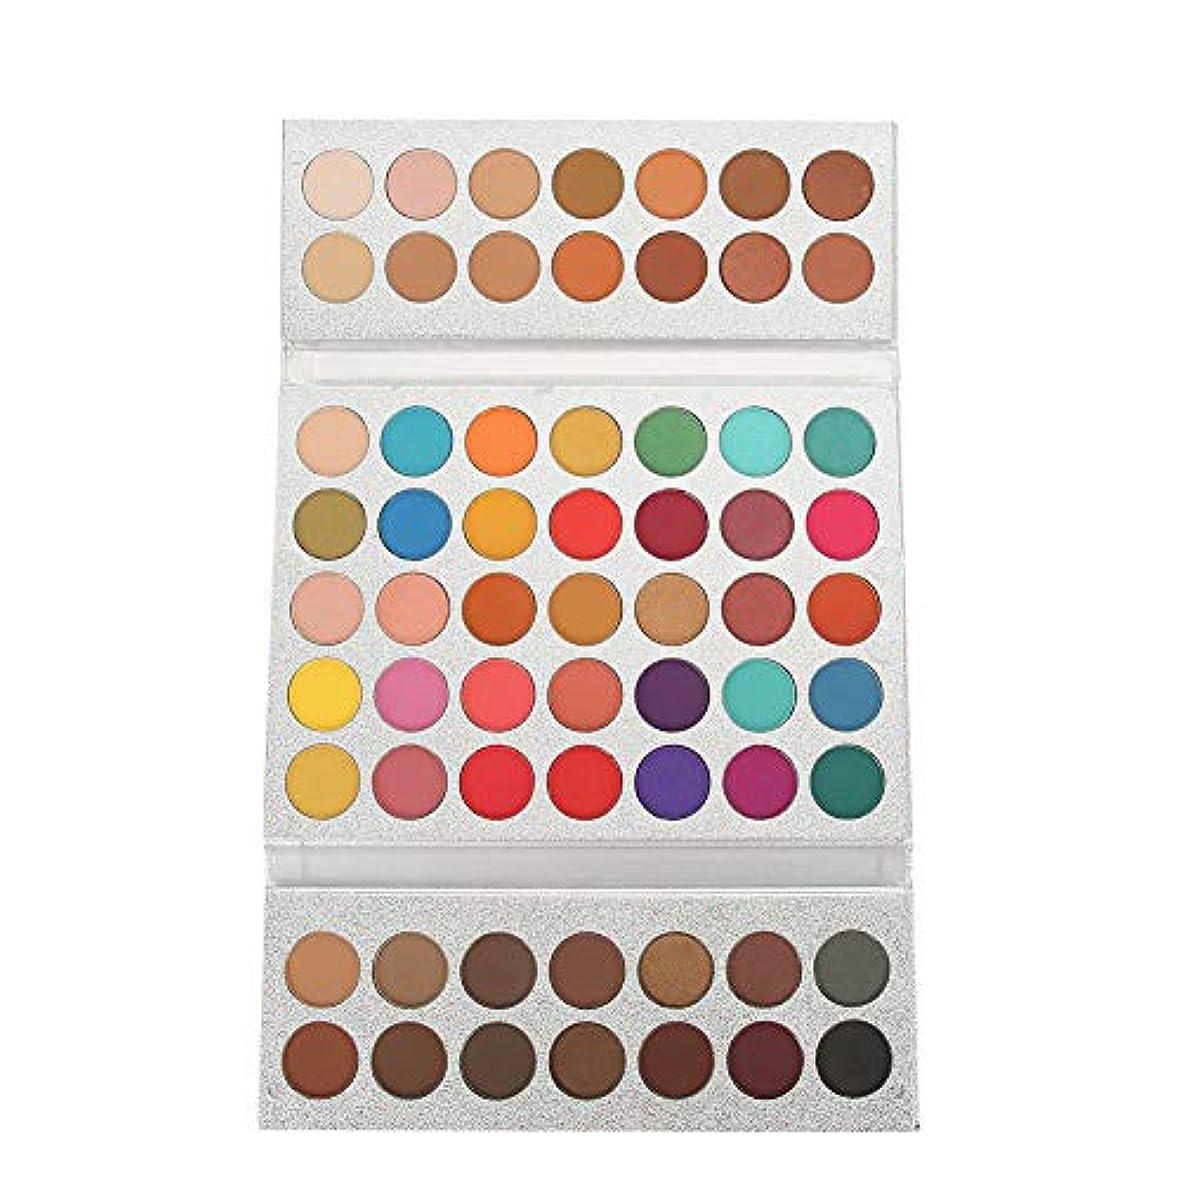 解き明かすバイオレット建てるアイシャドウ パレット 63色 美容真珠光沢 マットアイ 化粧品 メイクアップパレット